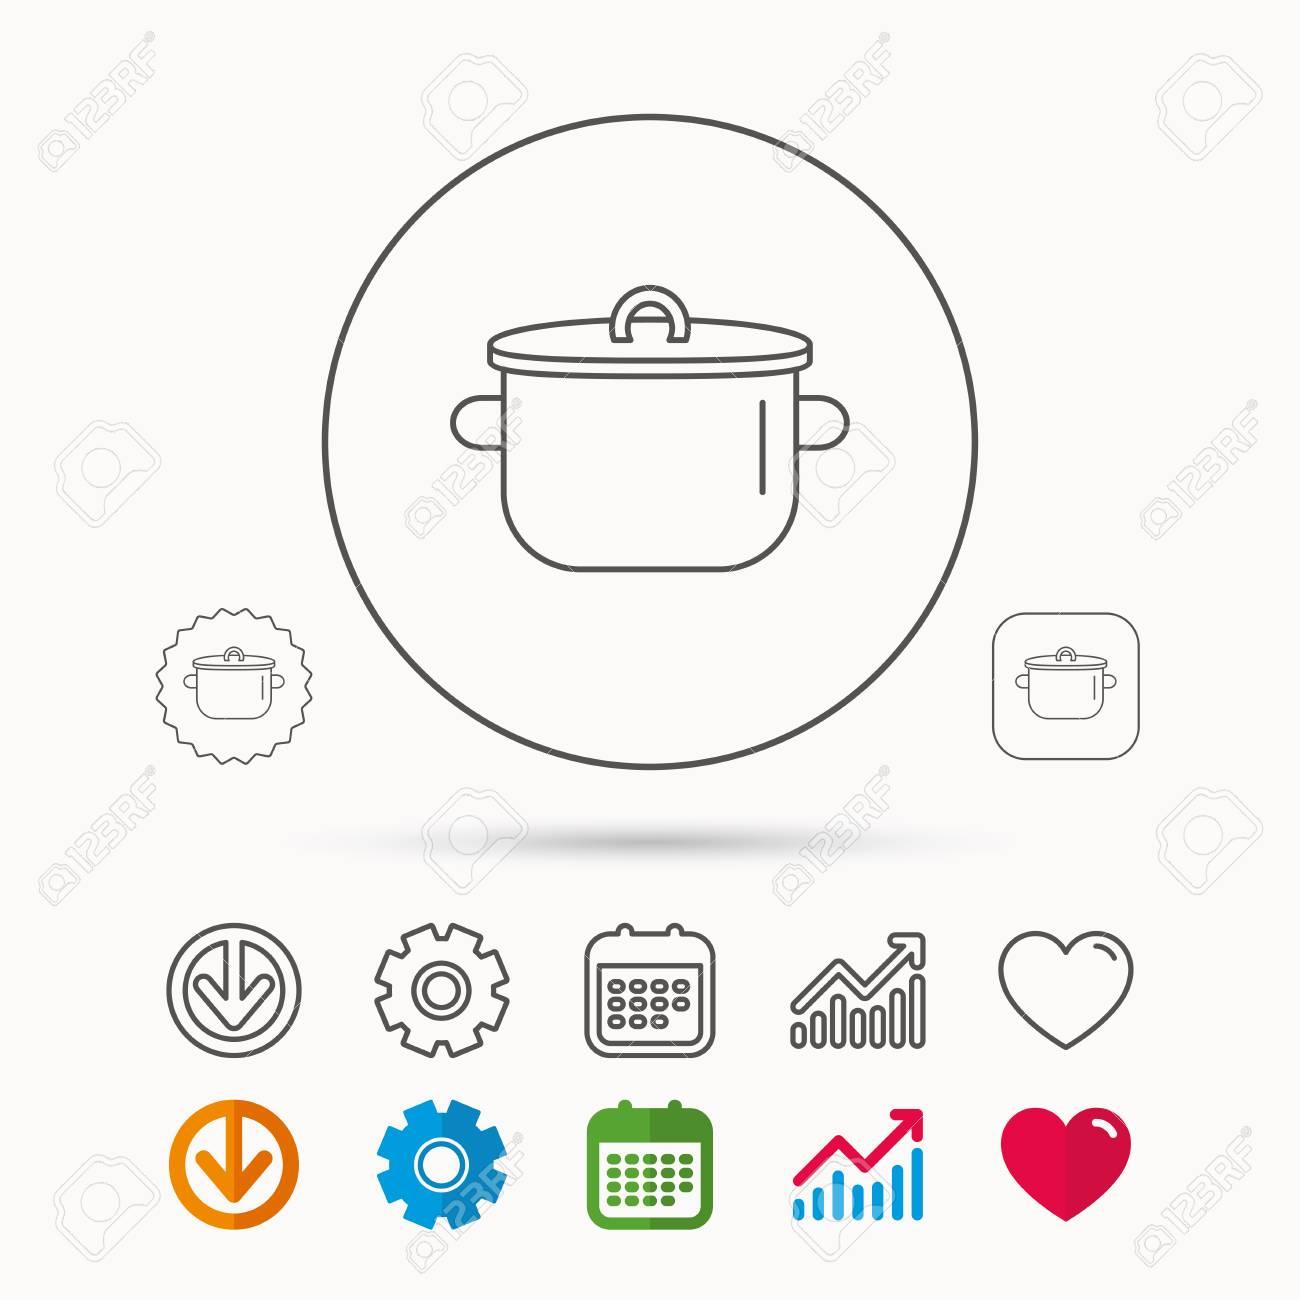 icone de panoramique plaque de cuisson symbole de l outil de cuisine calendrier diagramme graphique et signes de roue dentee telecharger et coeur